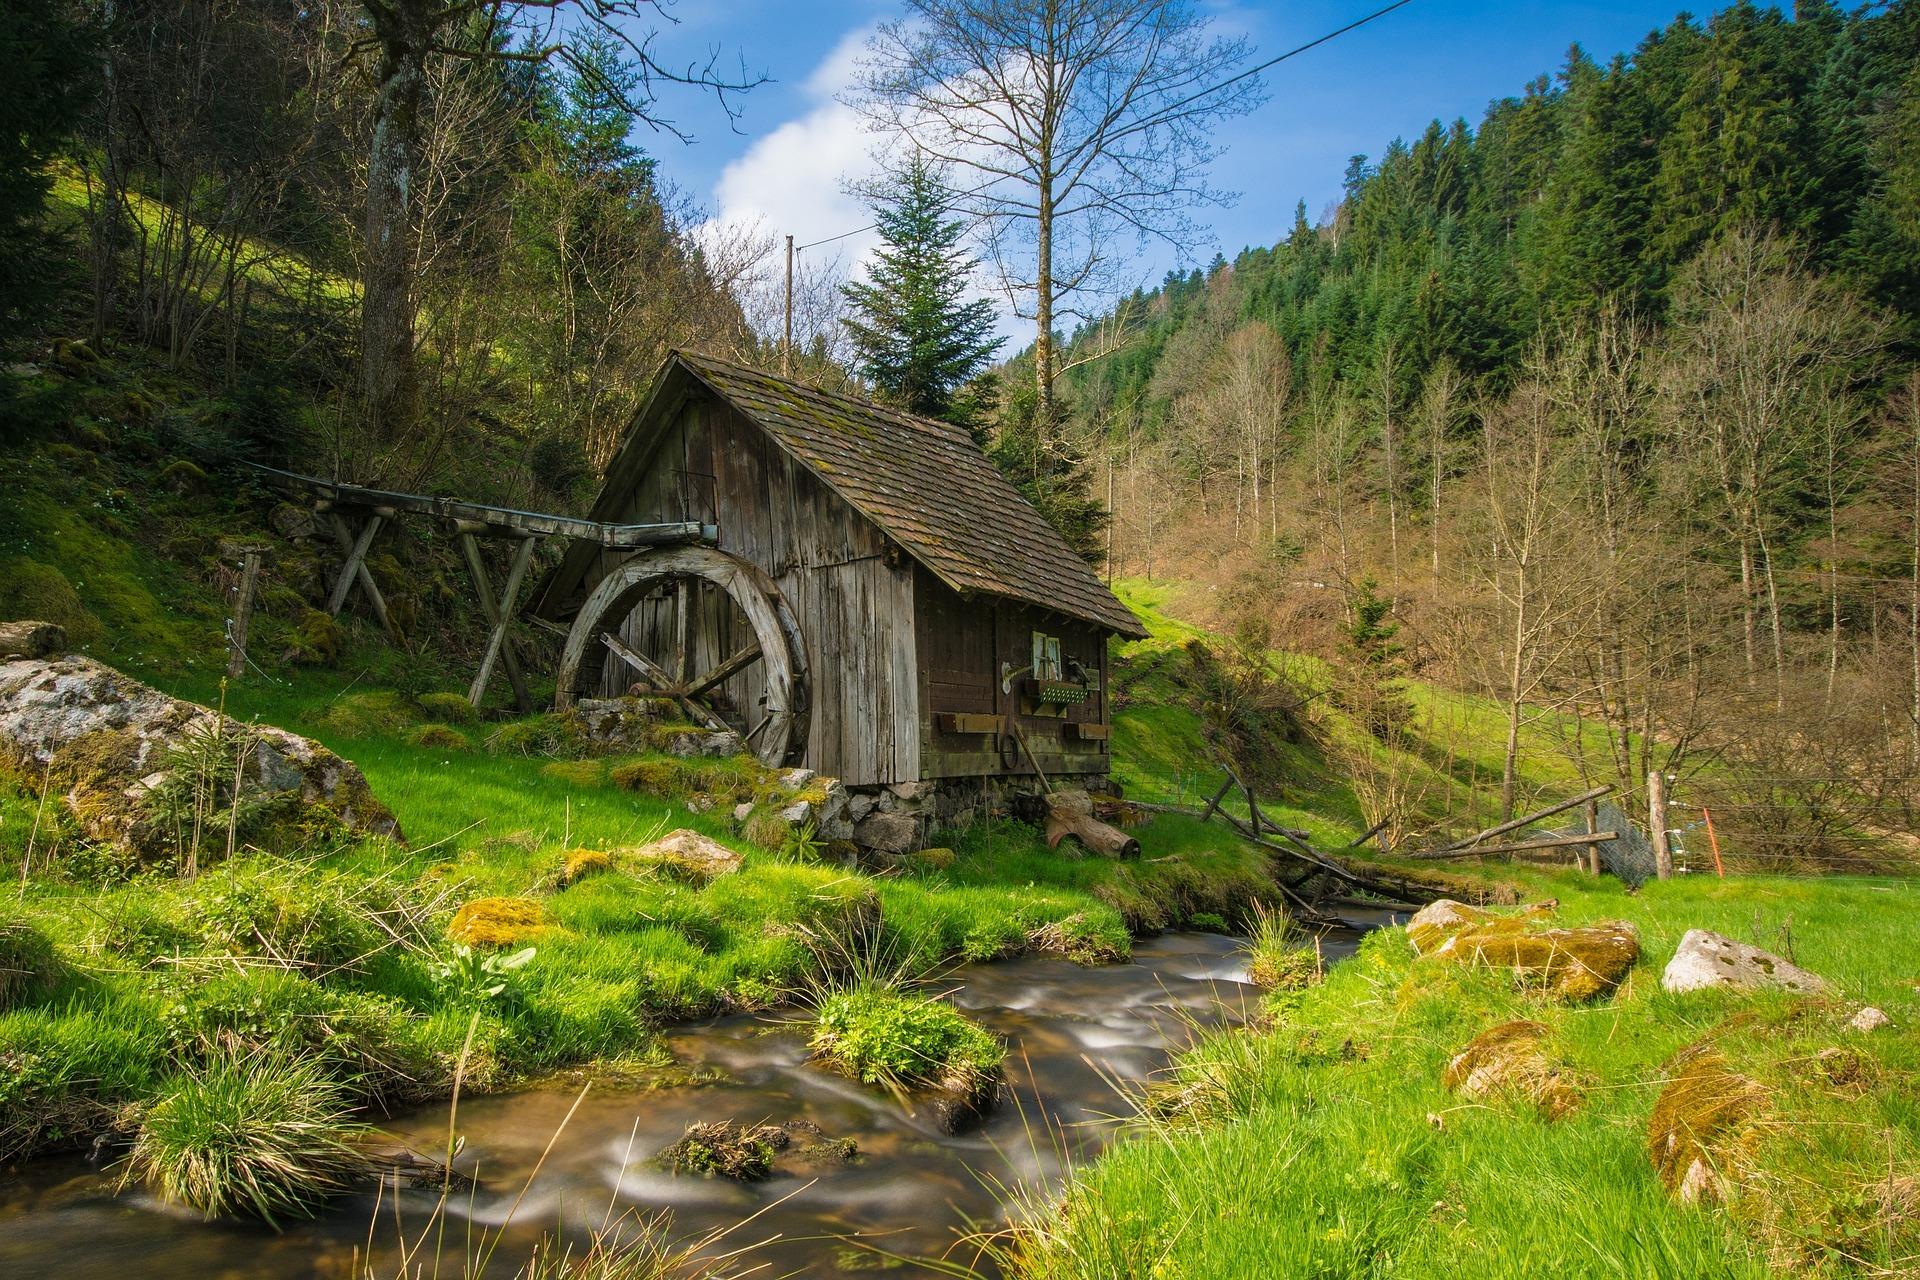 mill-1620440_1920.jpg